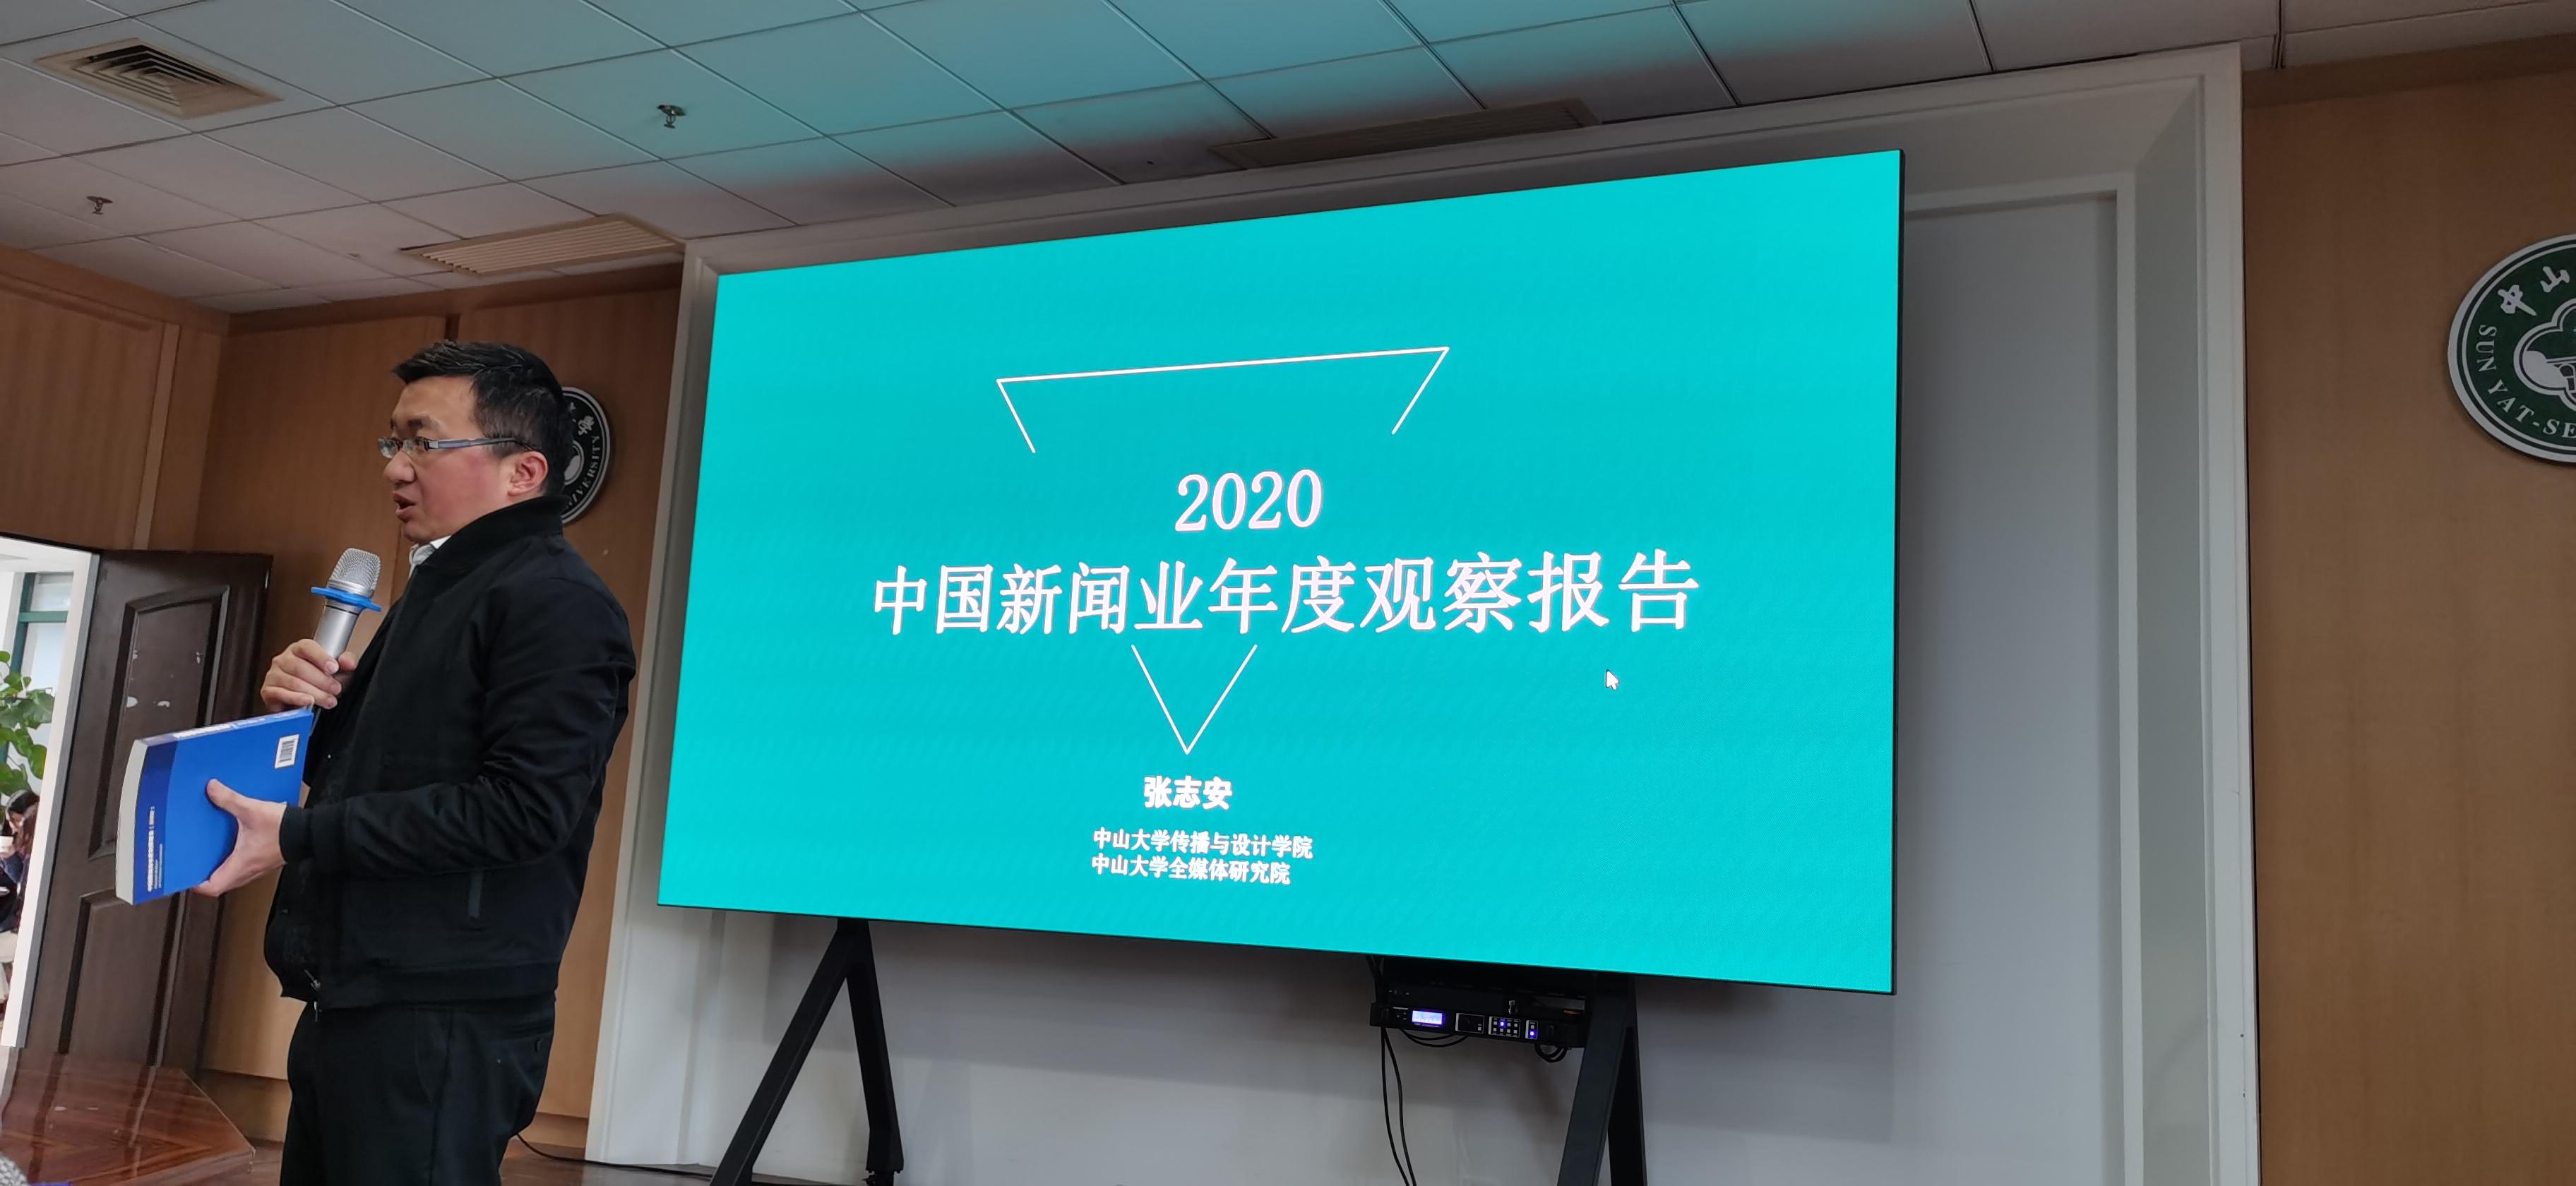 粵港澳大灣區媒體峰會入選年度傳媒大事件